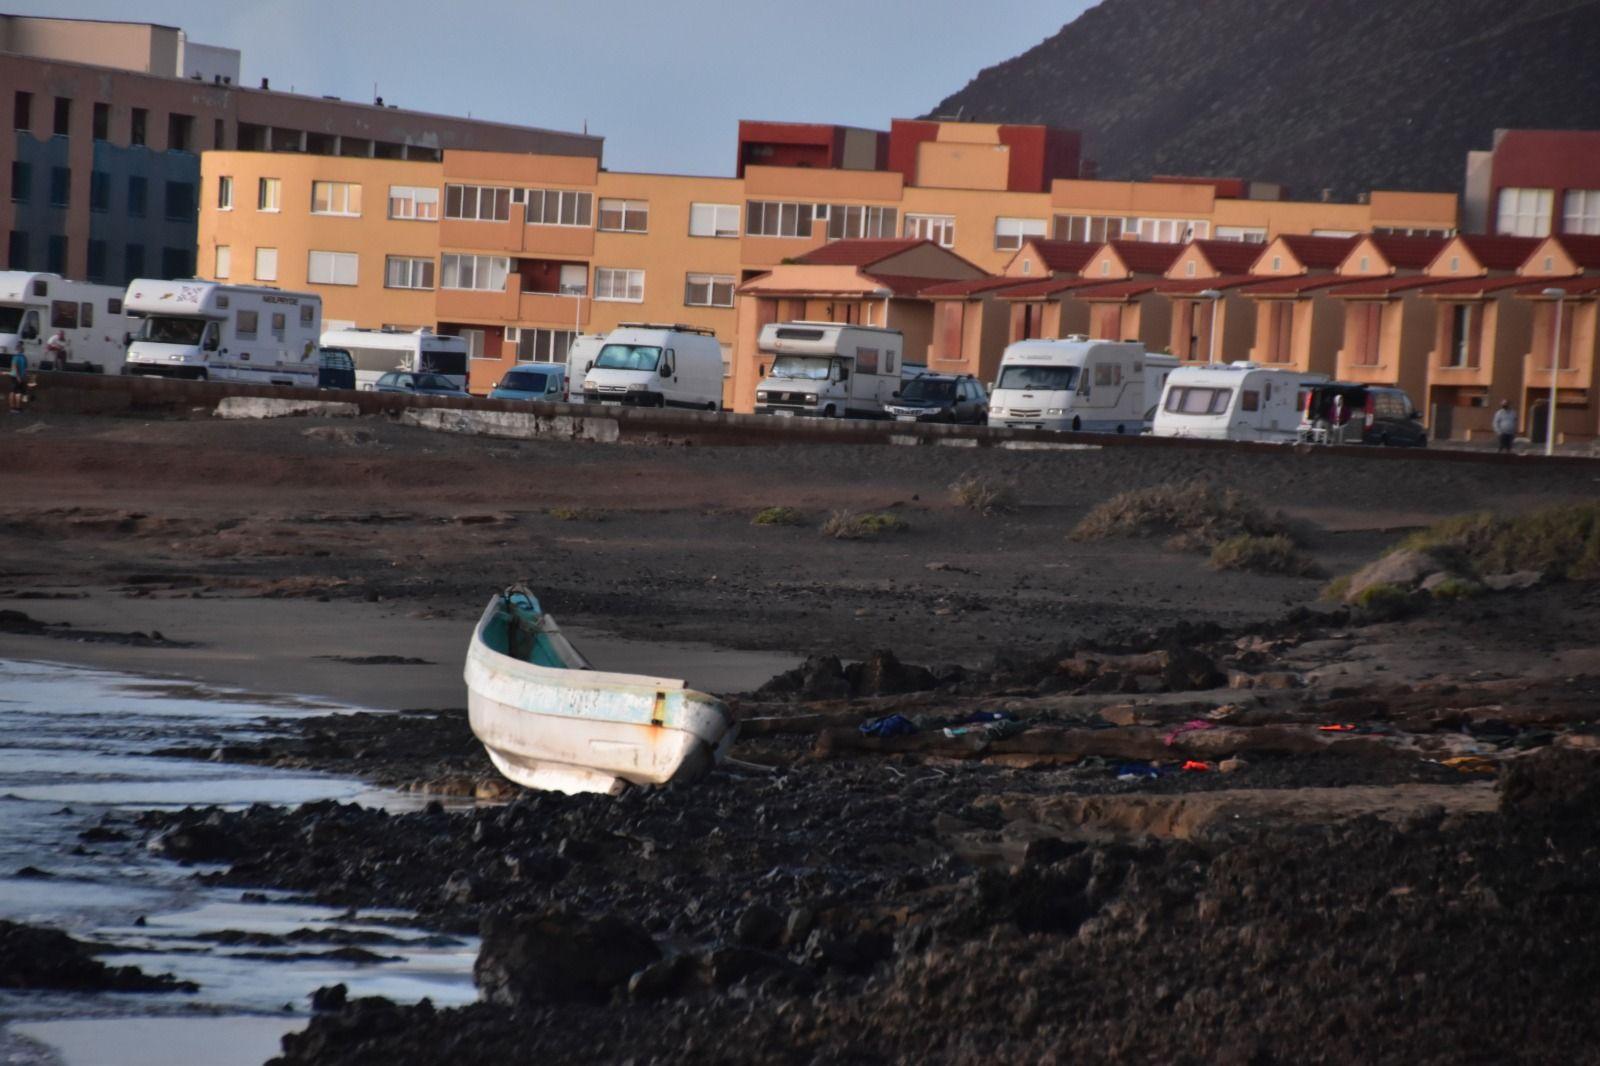 Cuatro fallecidos a bordo de un cayuco en una playa de Tenerife